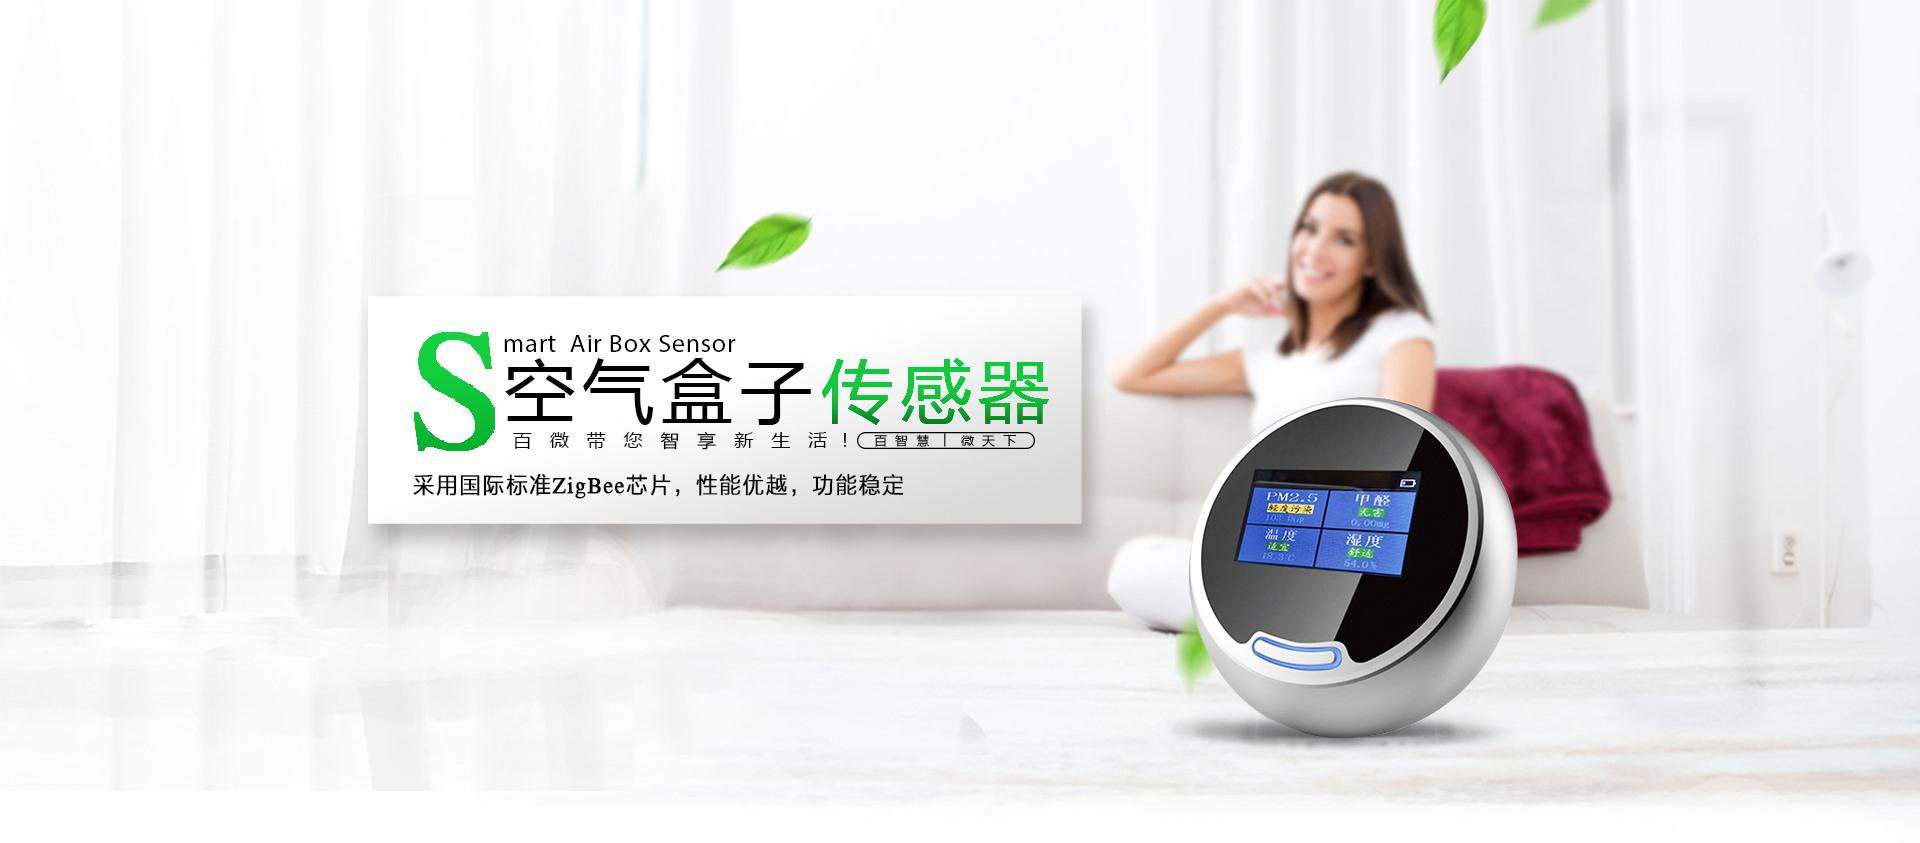 空气盒子传感器